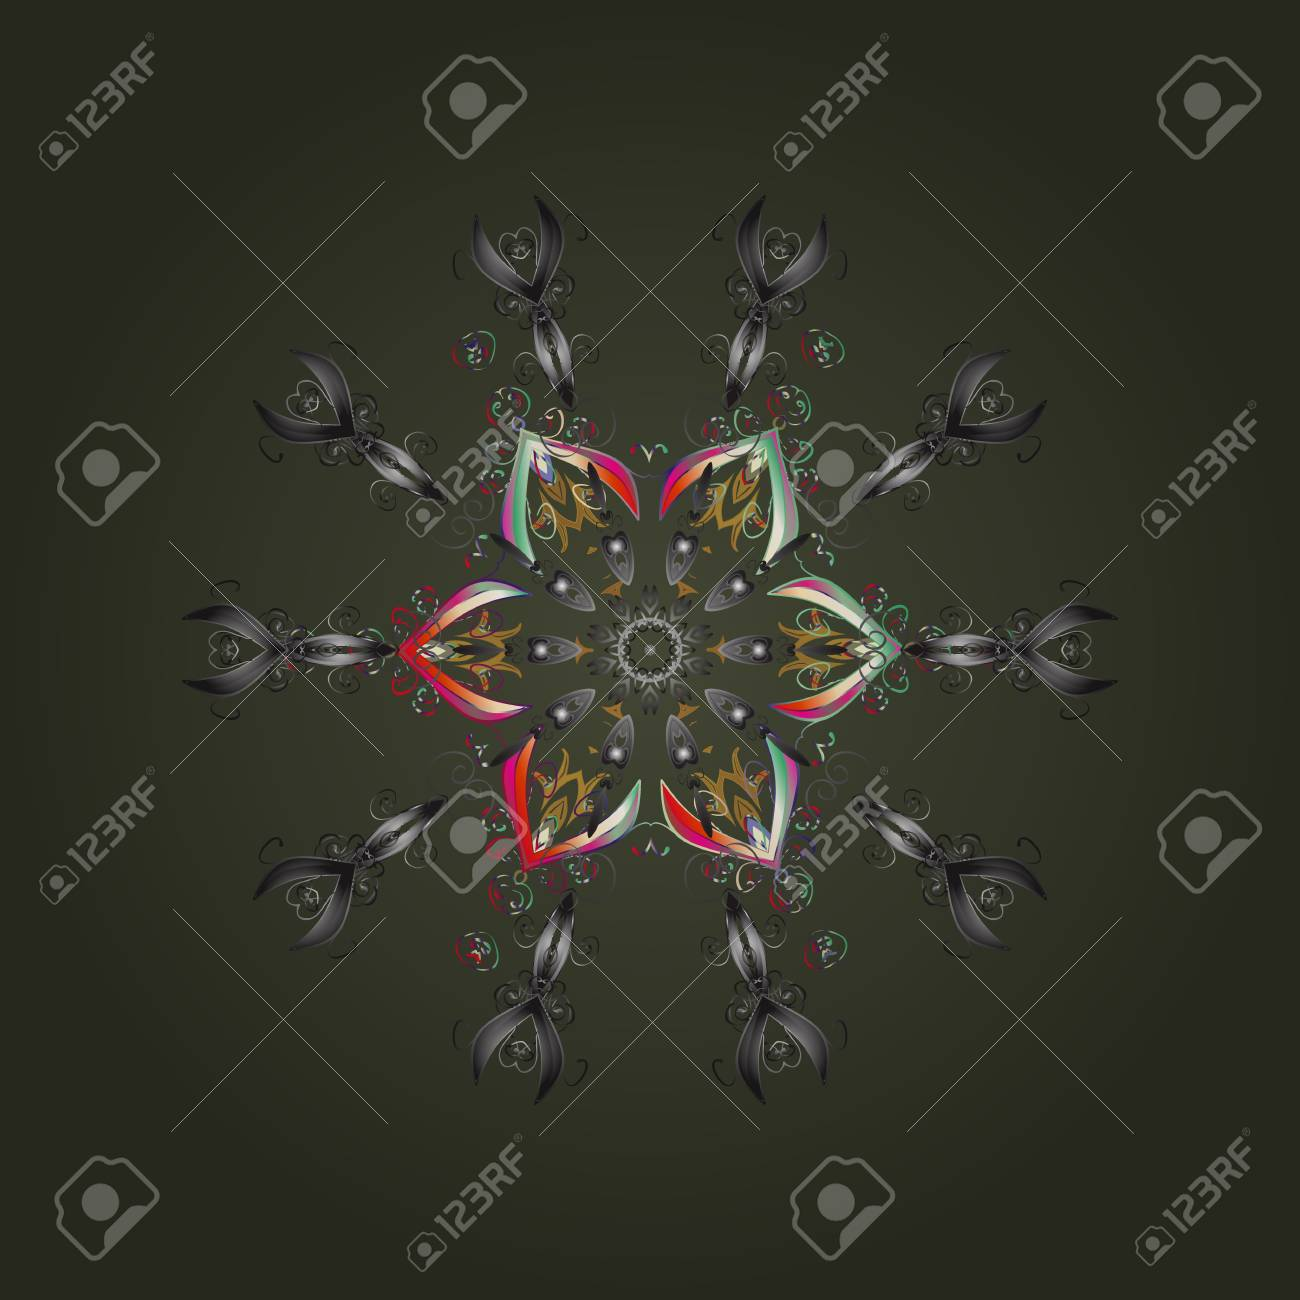 冬 メリー クリスマス 新年あけましておめでとうございますお祝いベクトル図のシンボルです 抽象的な壁紙 装飾をラップします 緑 灰色と中立的な色のかわいいスノーフレーク シンプルな雪の結晶 のイラスト素材 ベクタ Image